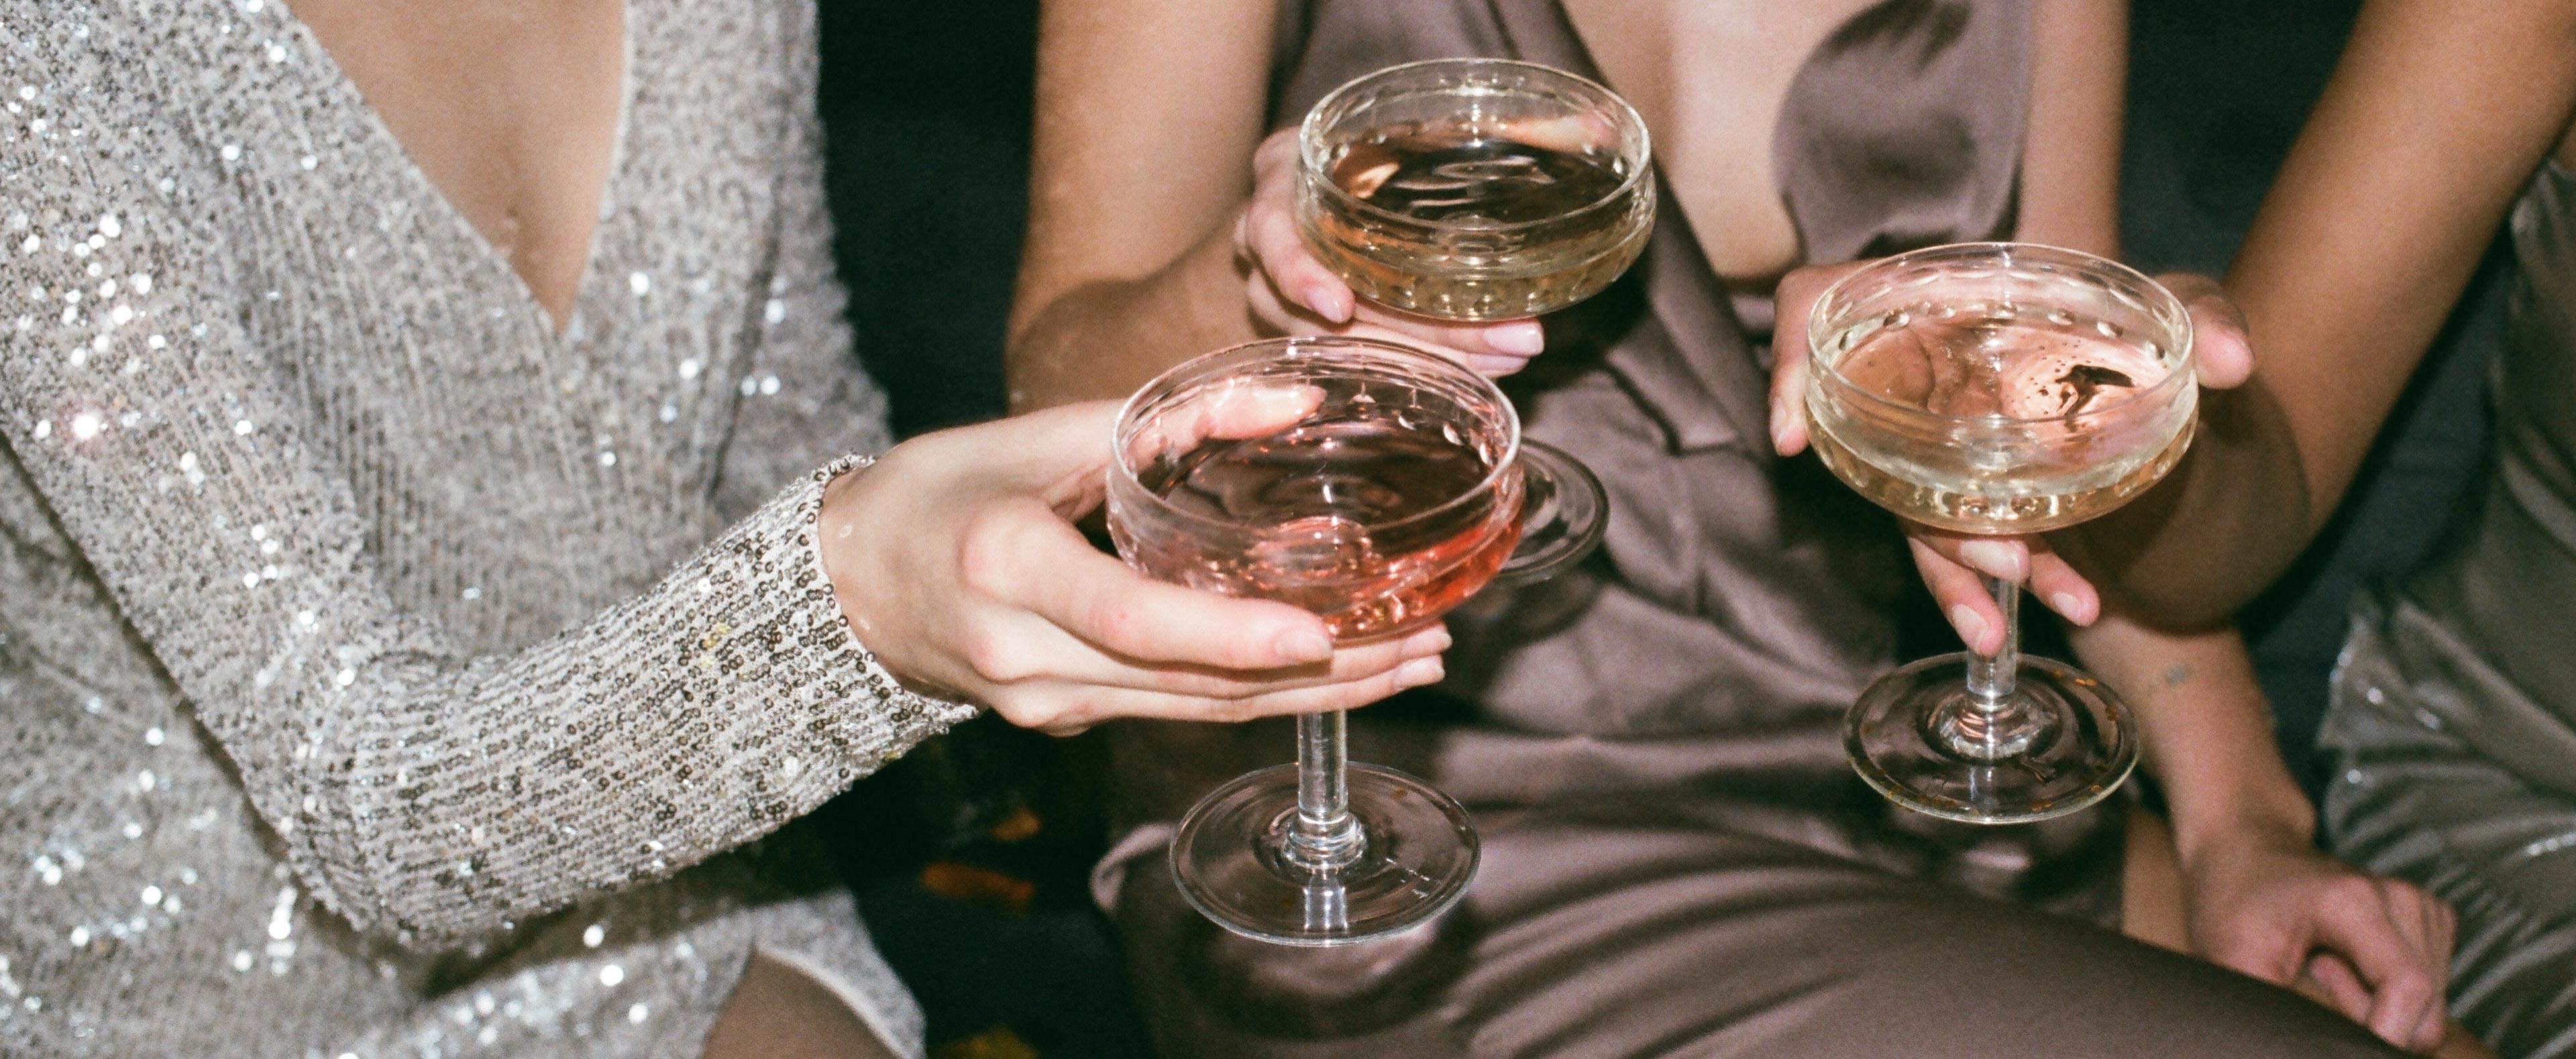 The Wedding Club - Services - Addio al celibato e nubilato